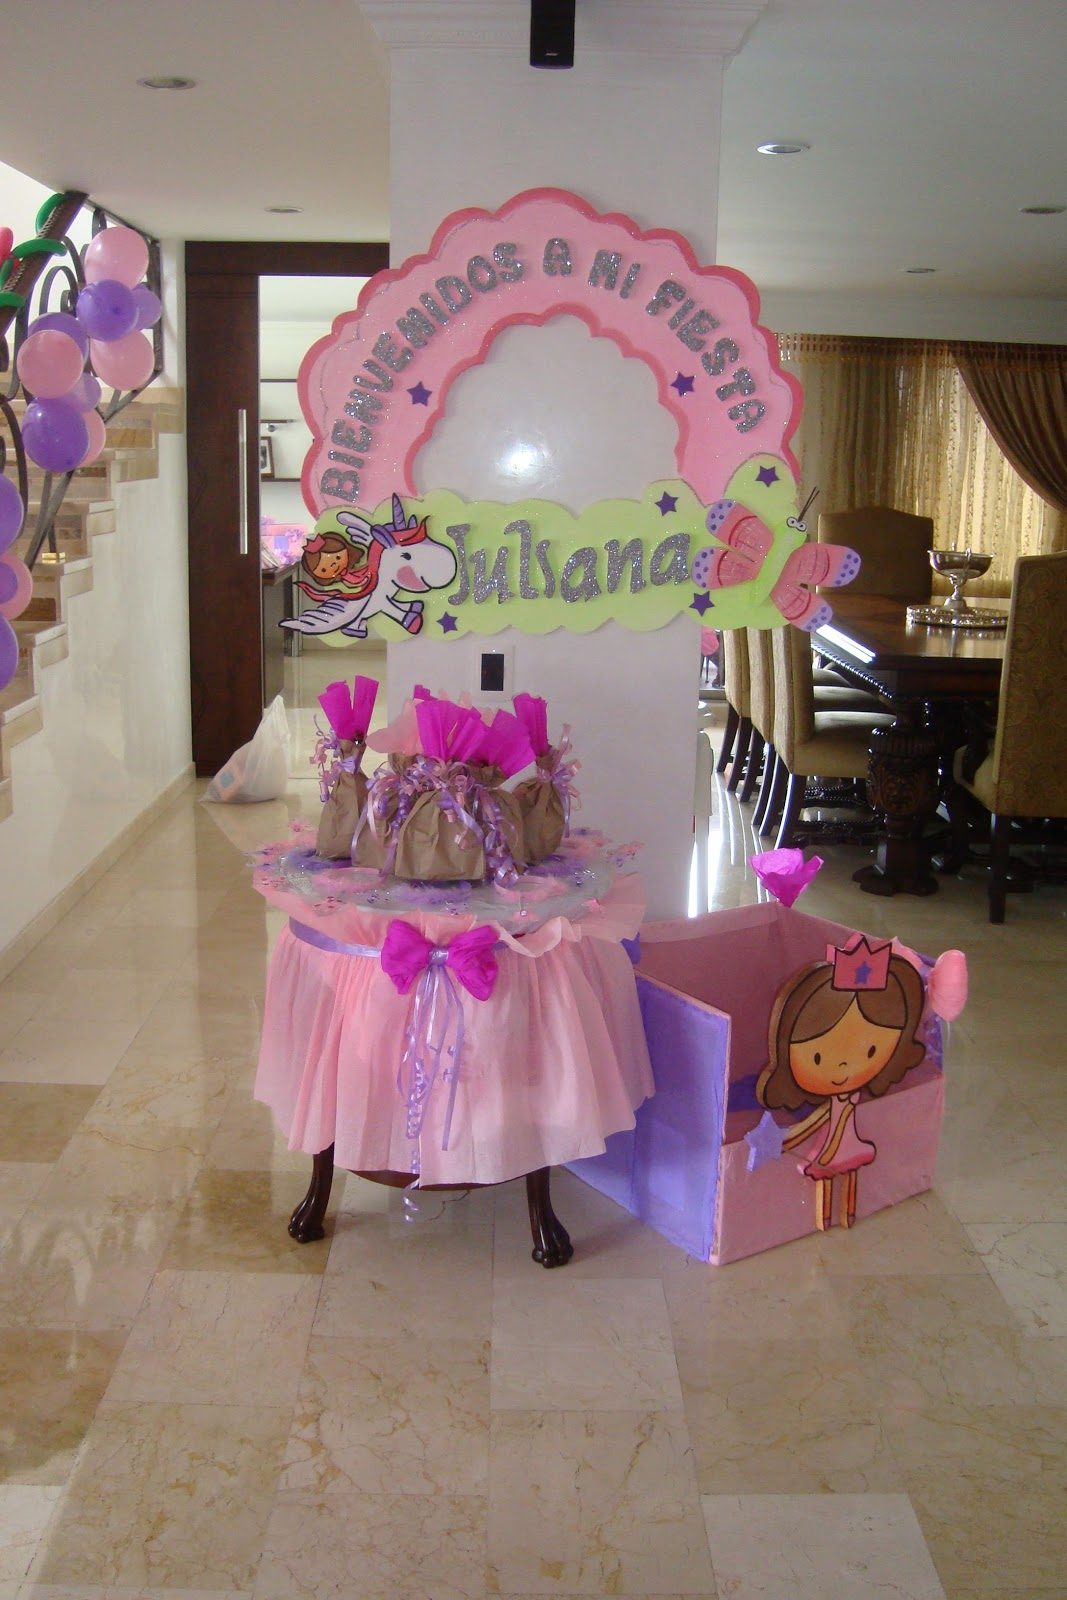 Decoracion fiesta princesa ni a decoraci n fiestas infantiles medell n revoltosos recreaciones - Regalos para fiestas de cumpleanos infantiles ...